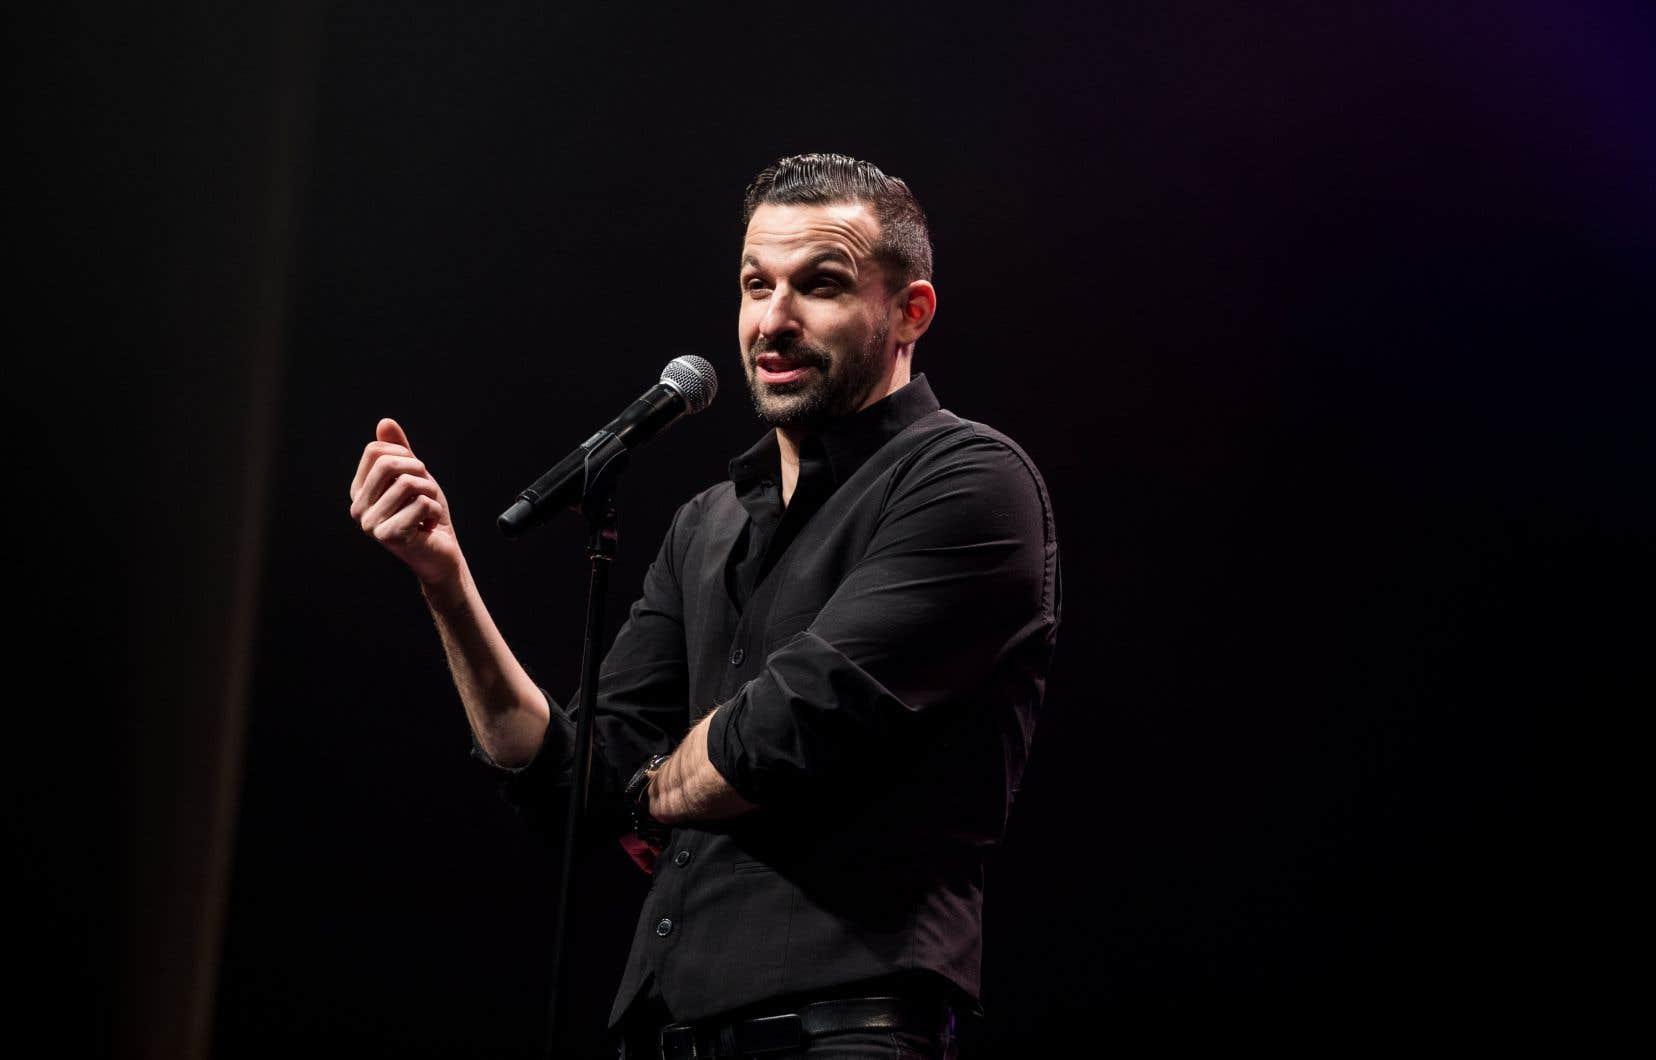 À seulement 38 ans, l'humoriste Olivier Martineau consacre une importante partie de son spectacle à dresser l'inventaire des symptômes de son vieillissement.